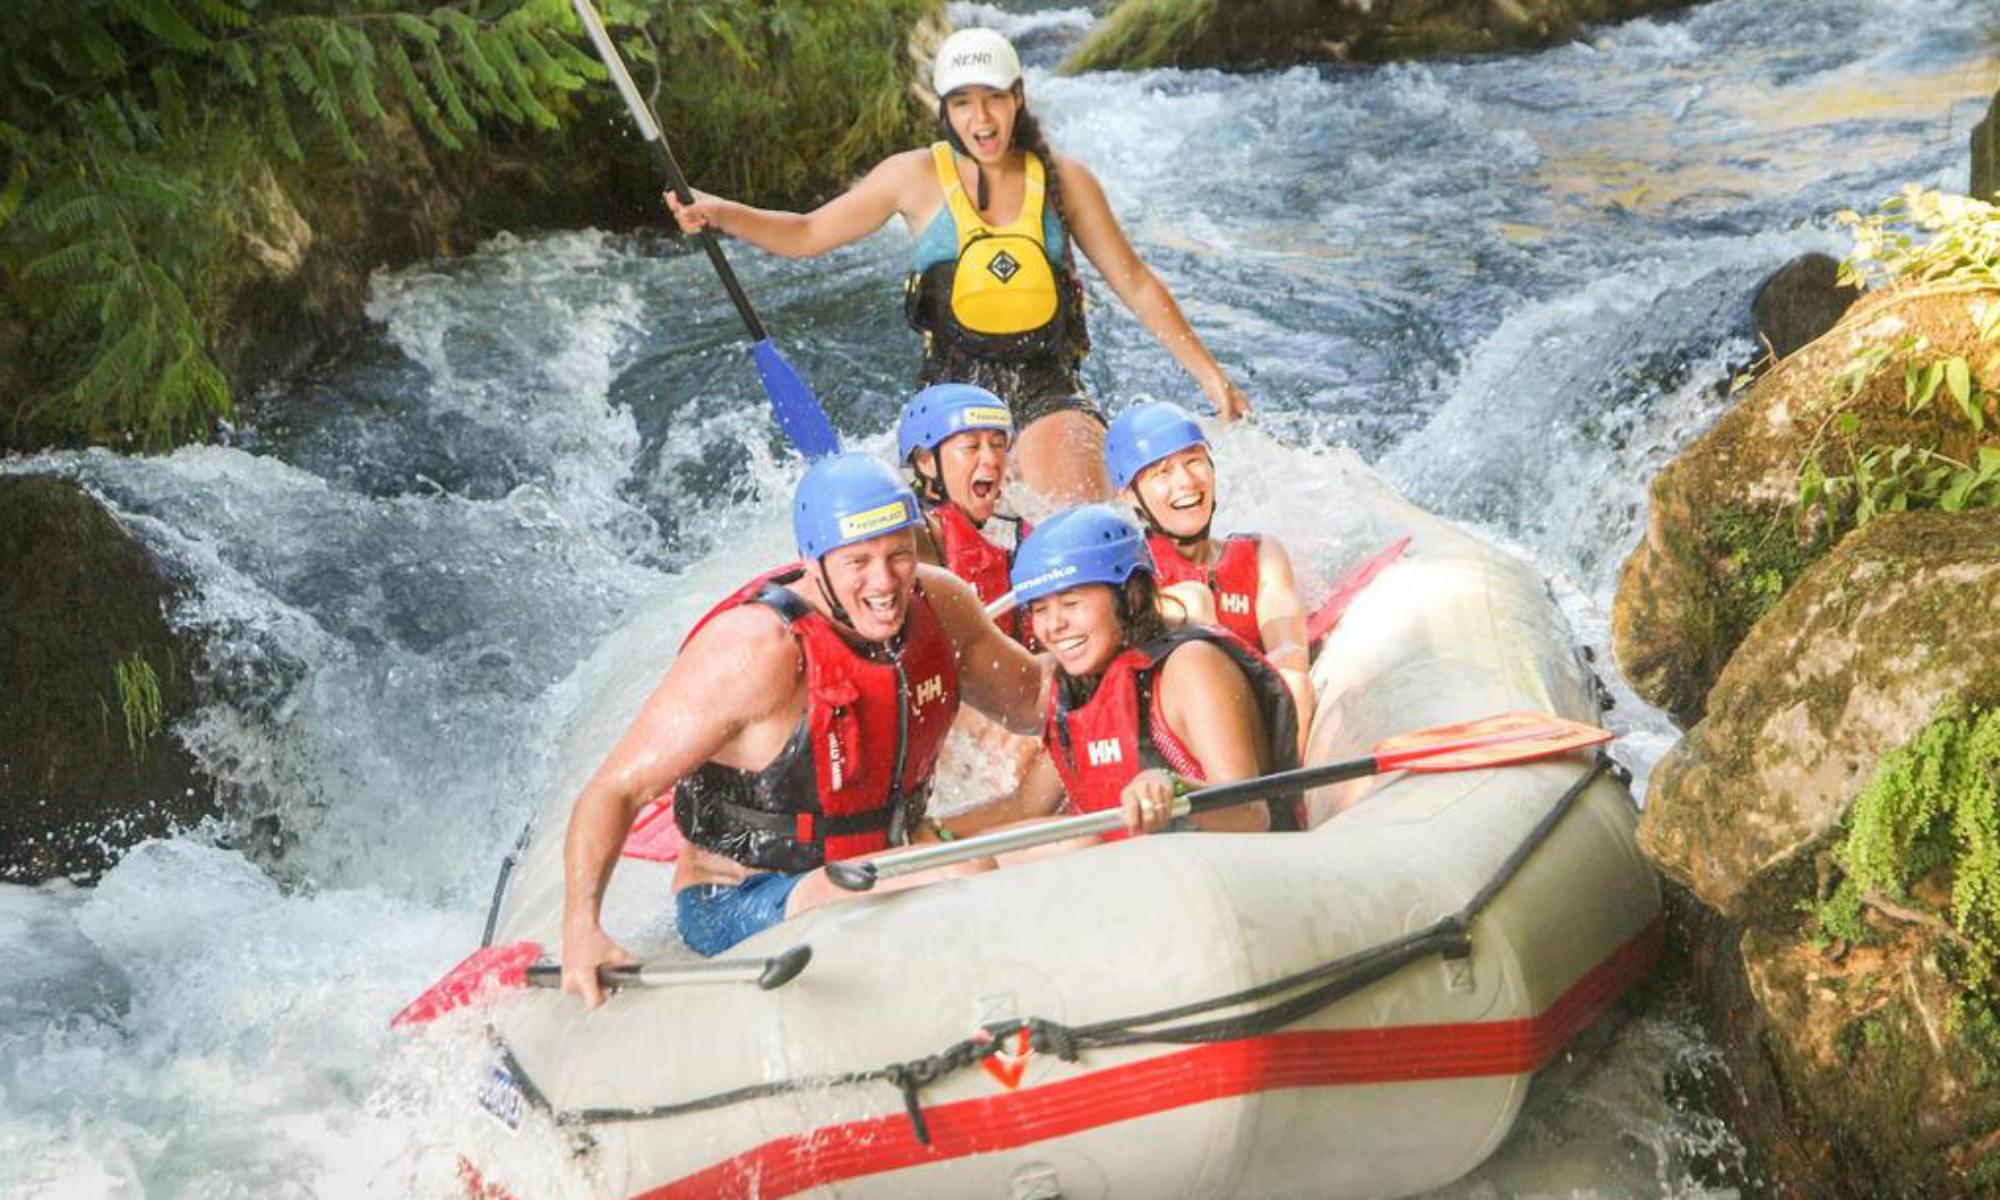 Un gruppo di persone si trova all'inizio di una grotta durante il rafting in Croazia.